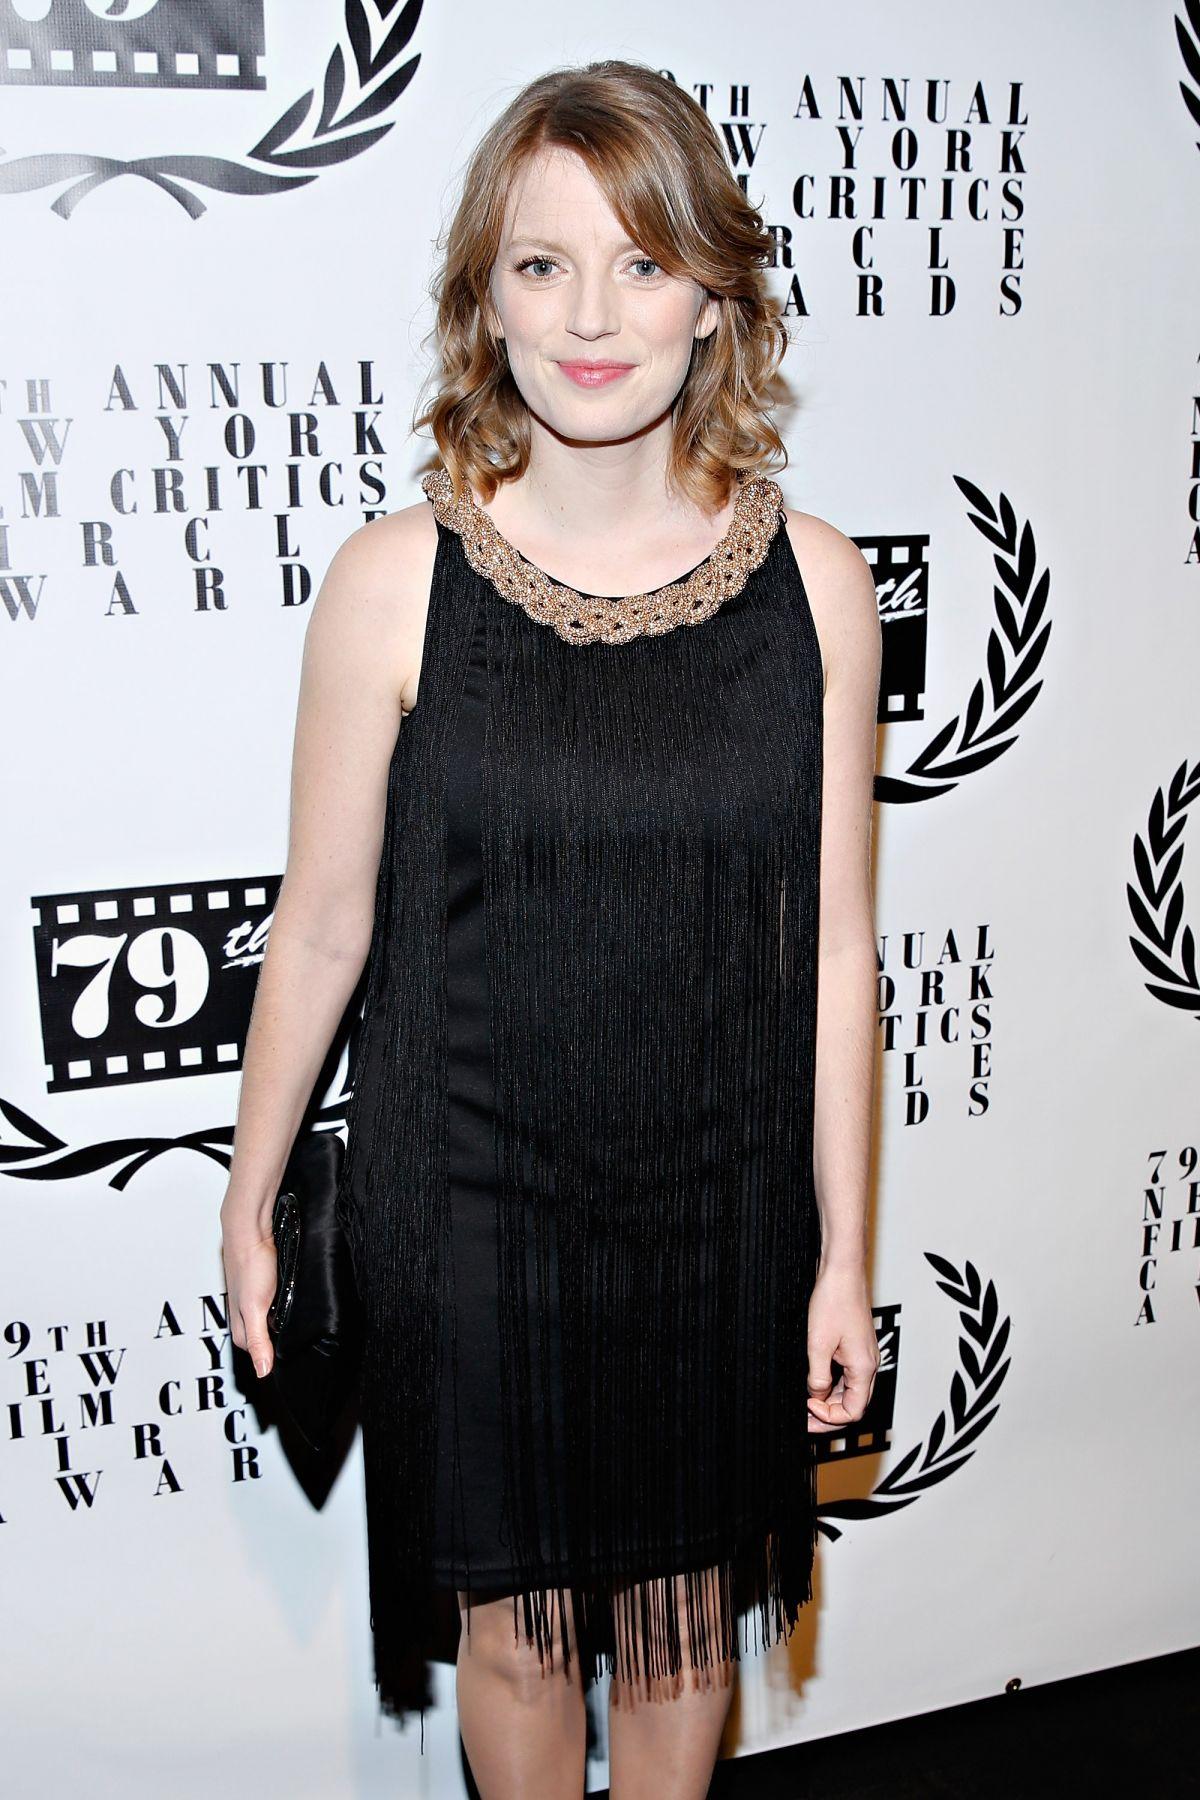 SARAH POLLEY at 2013 New York Film Critics Circle Awards